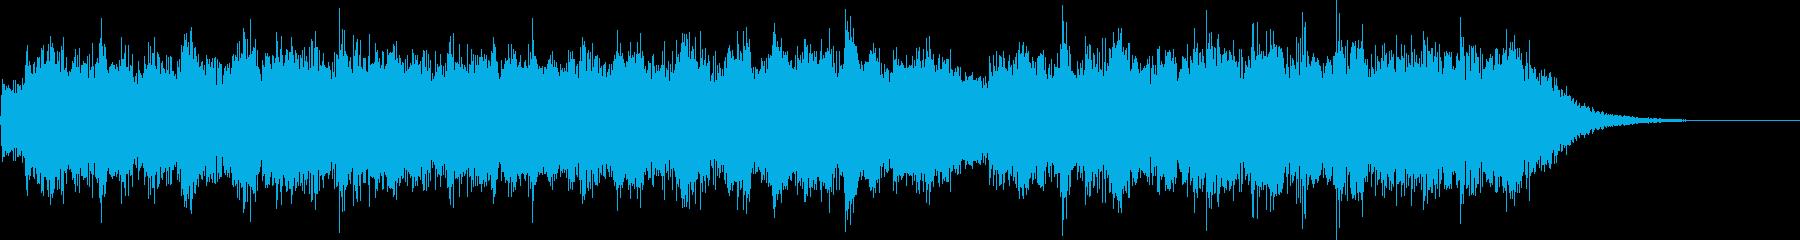 ニューエイジ風でミニマルなシンセジングルの再生済みの波形